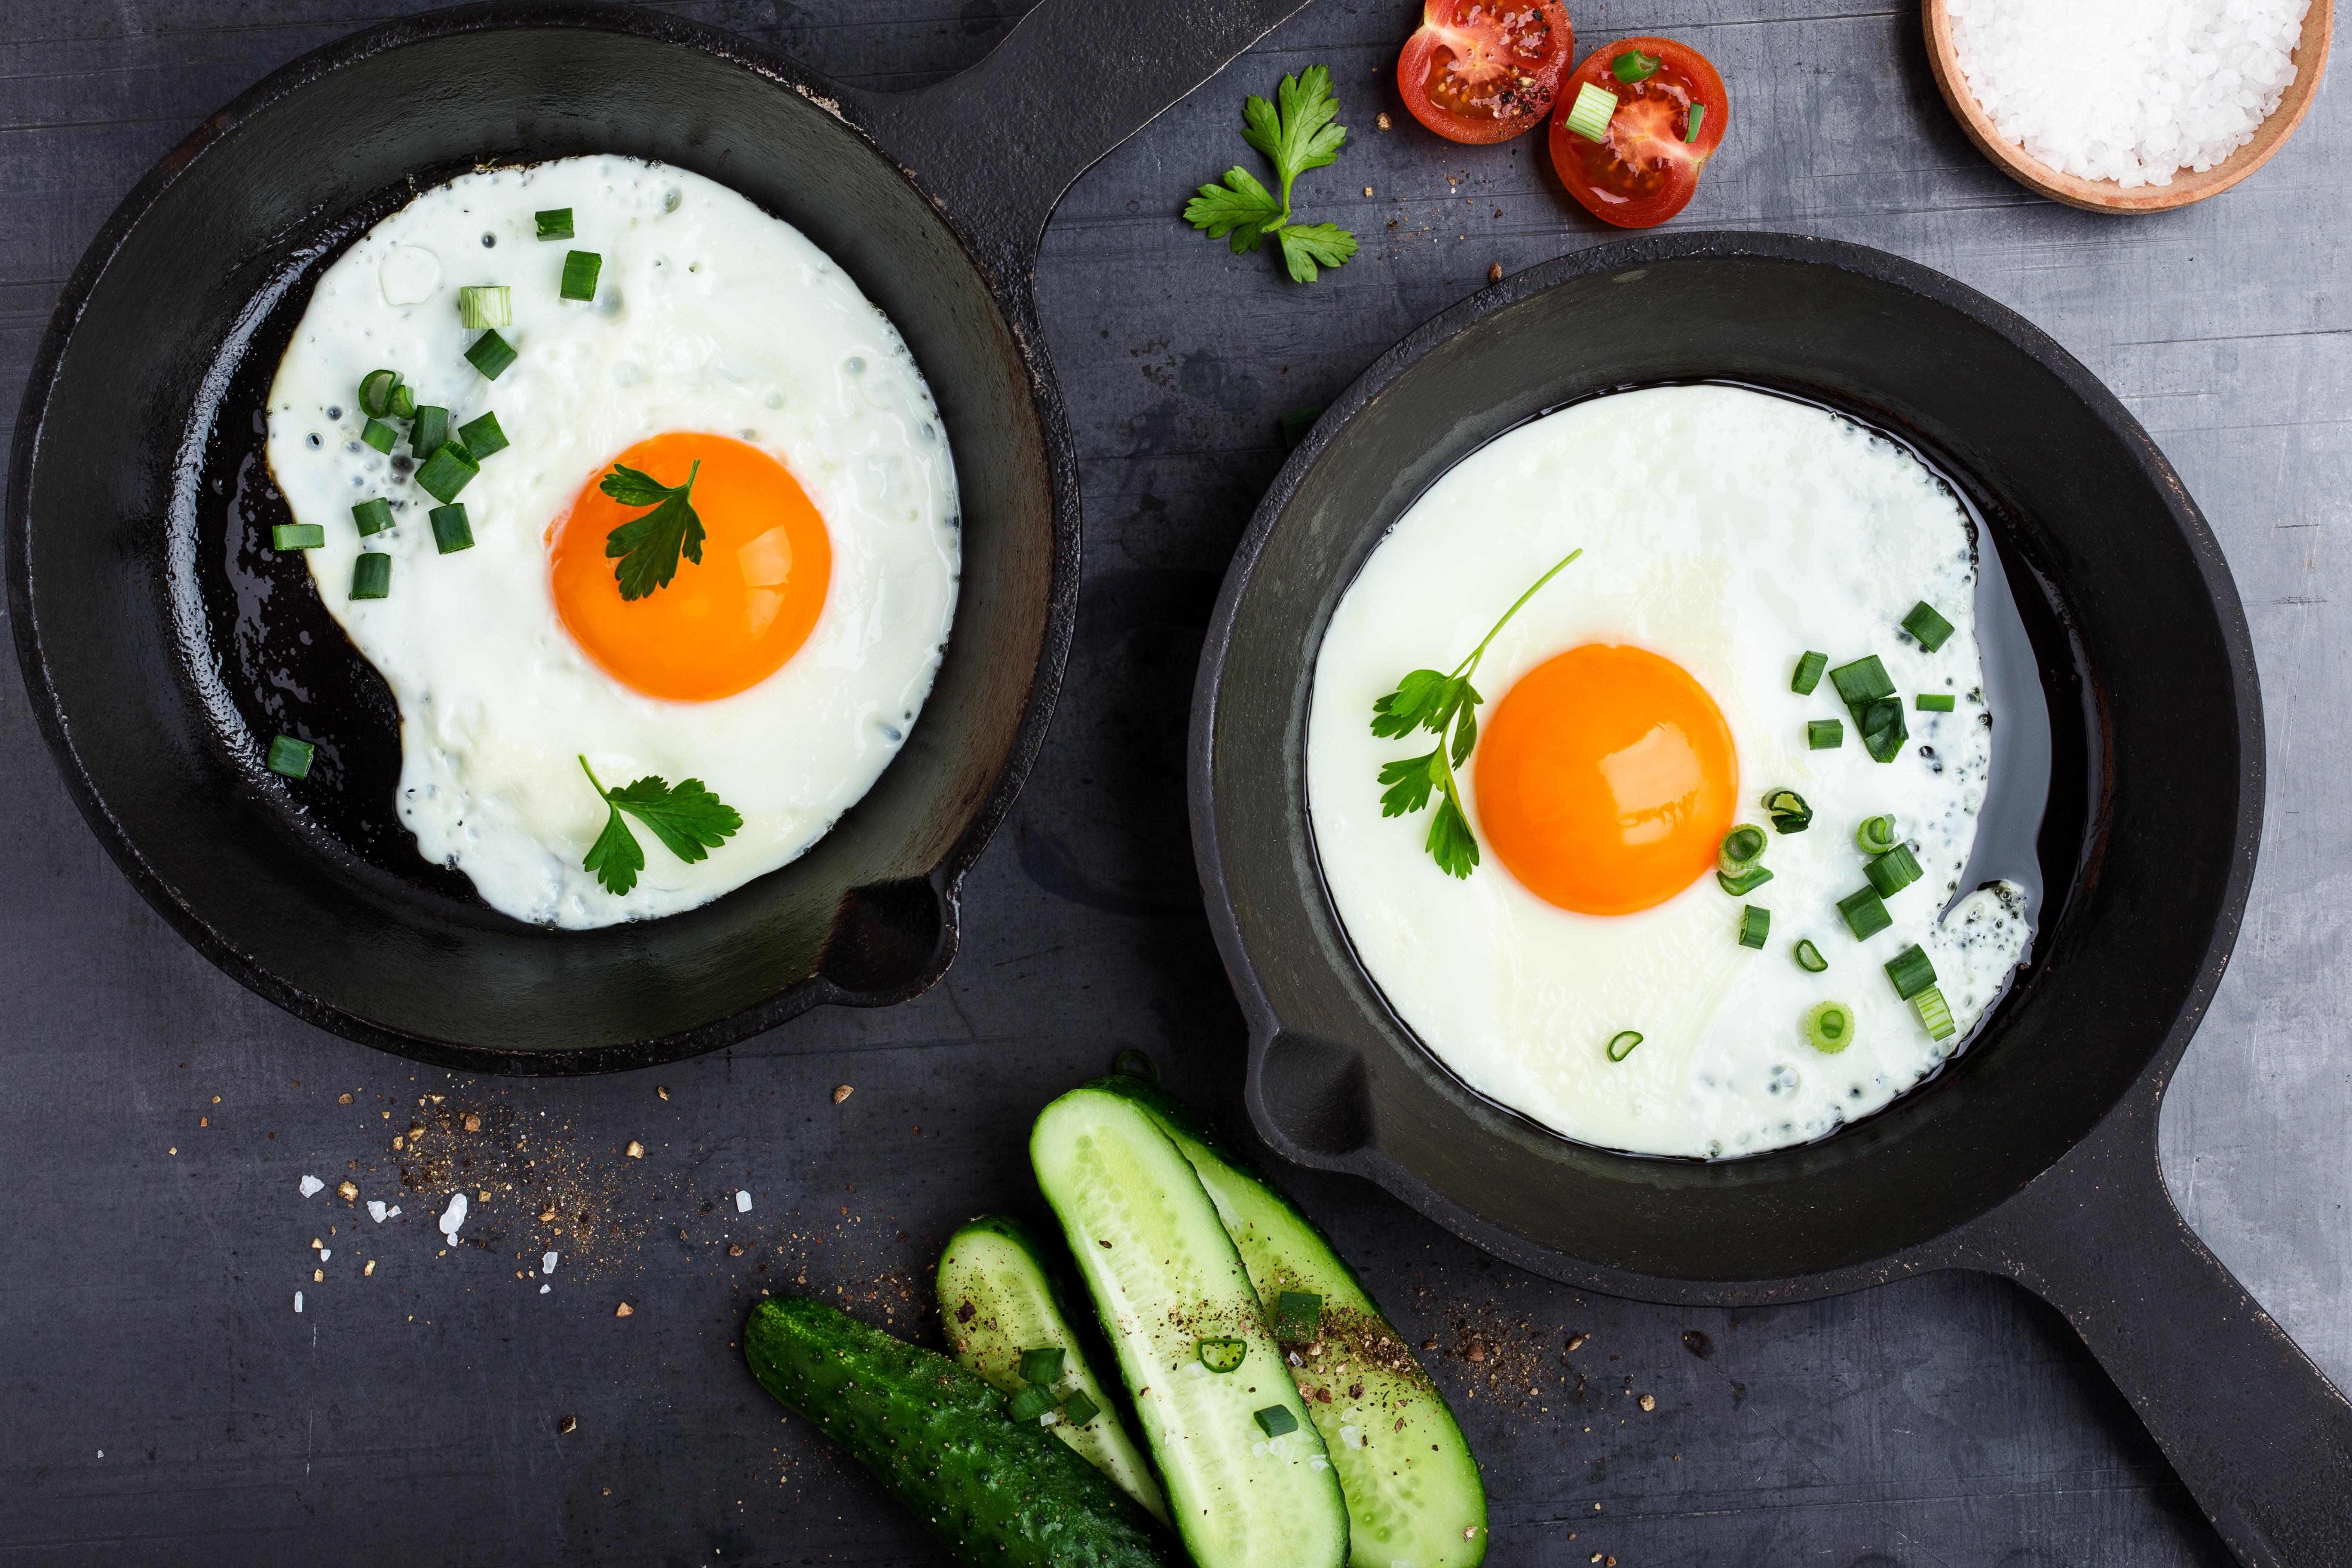 Τα σωτήρια αυγά: Νέα έρευνα δείχνει ότι μειώνουν τον καρδιαγγειακό